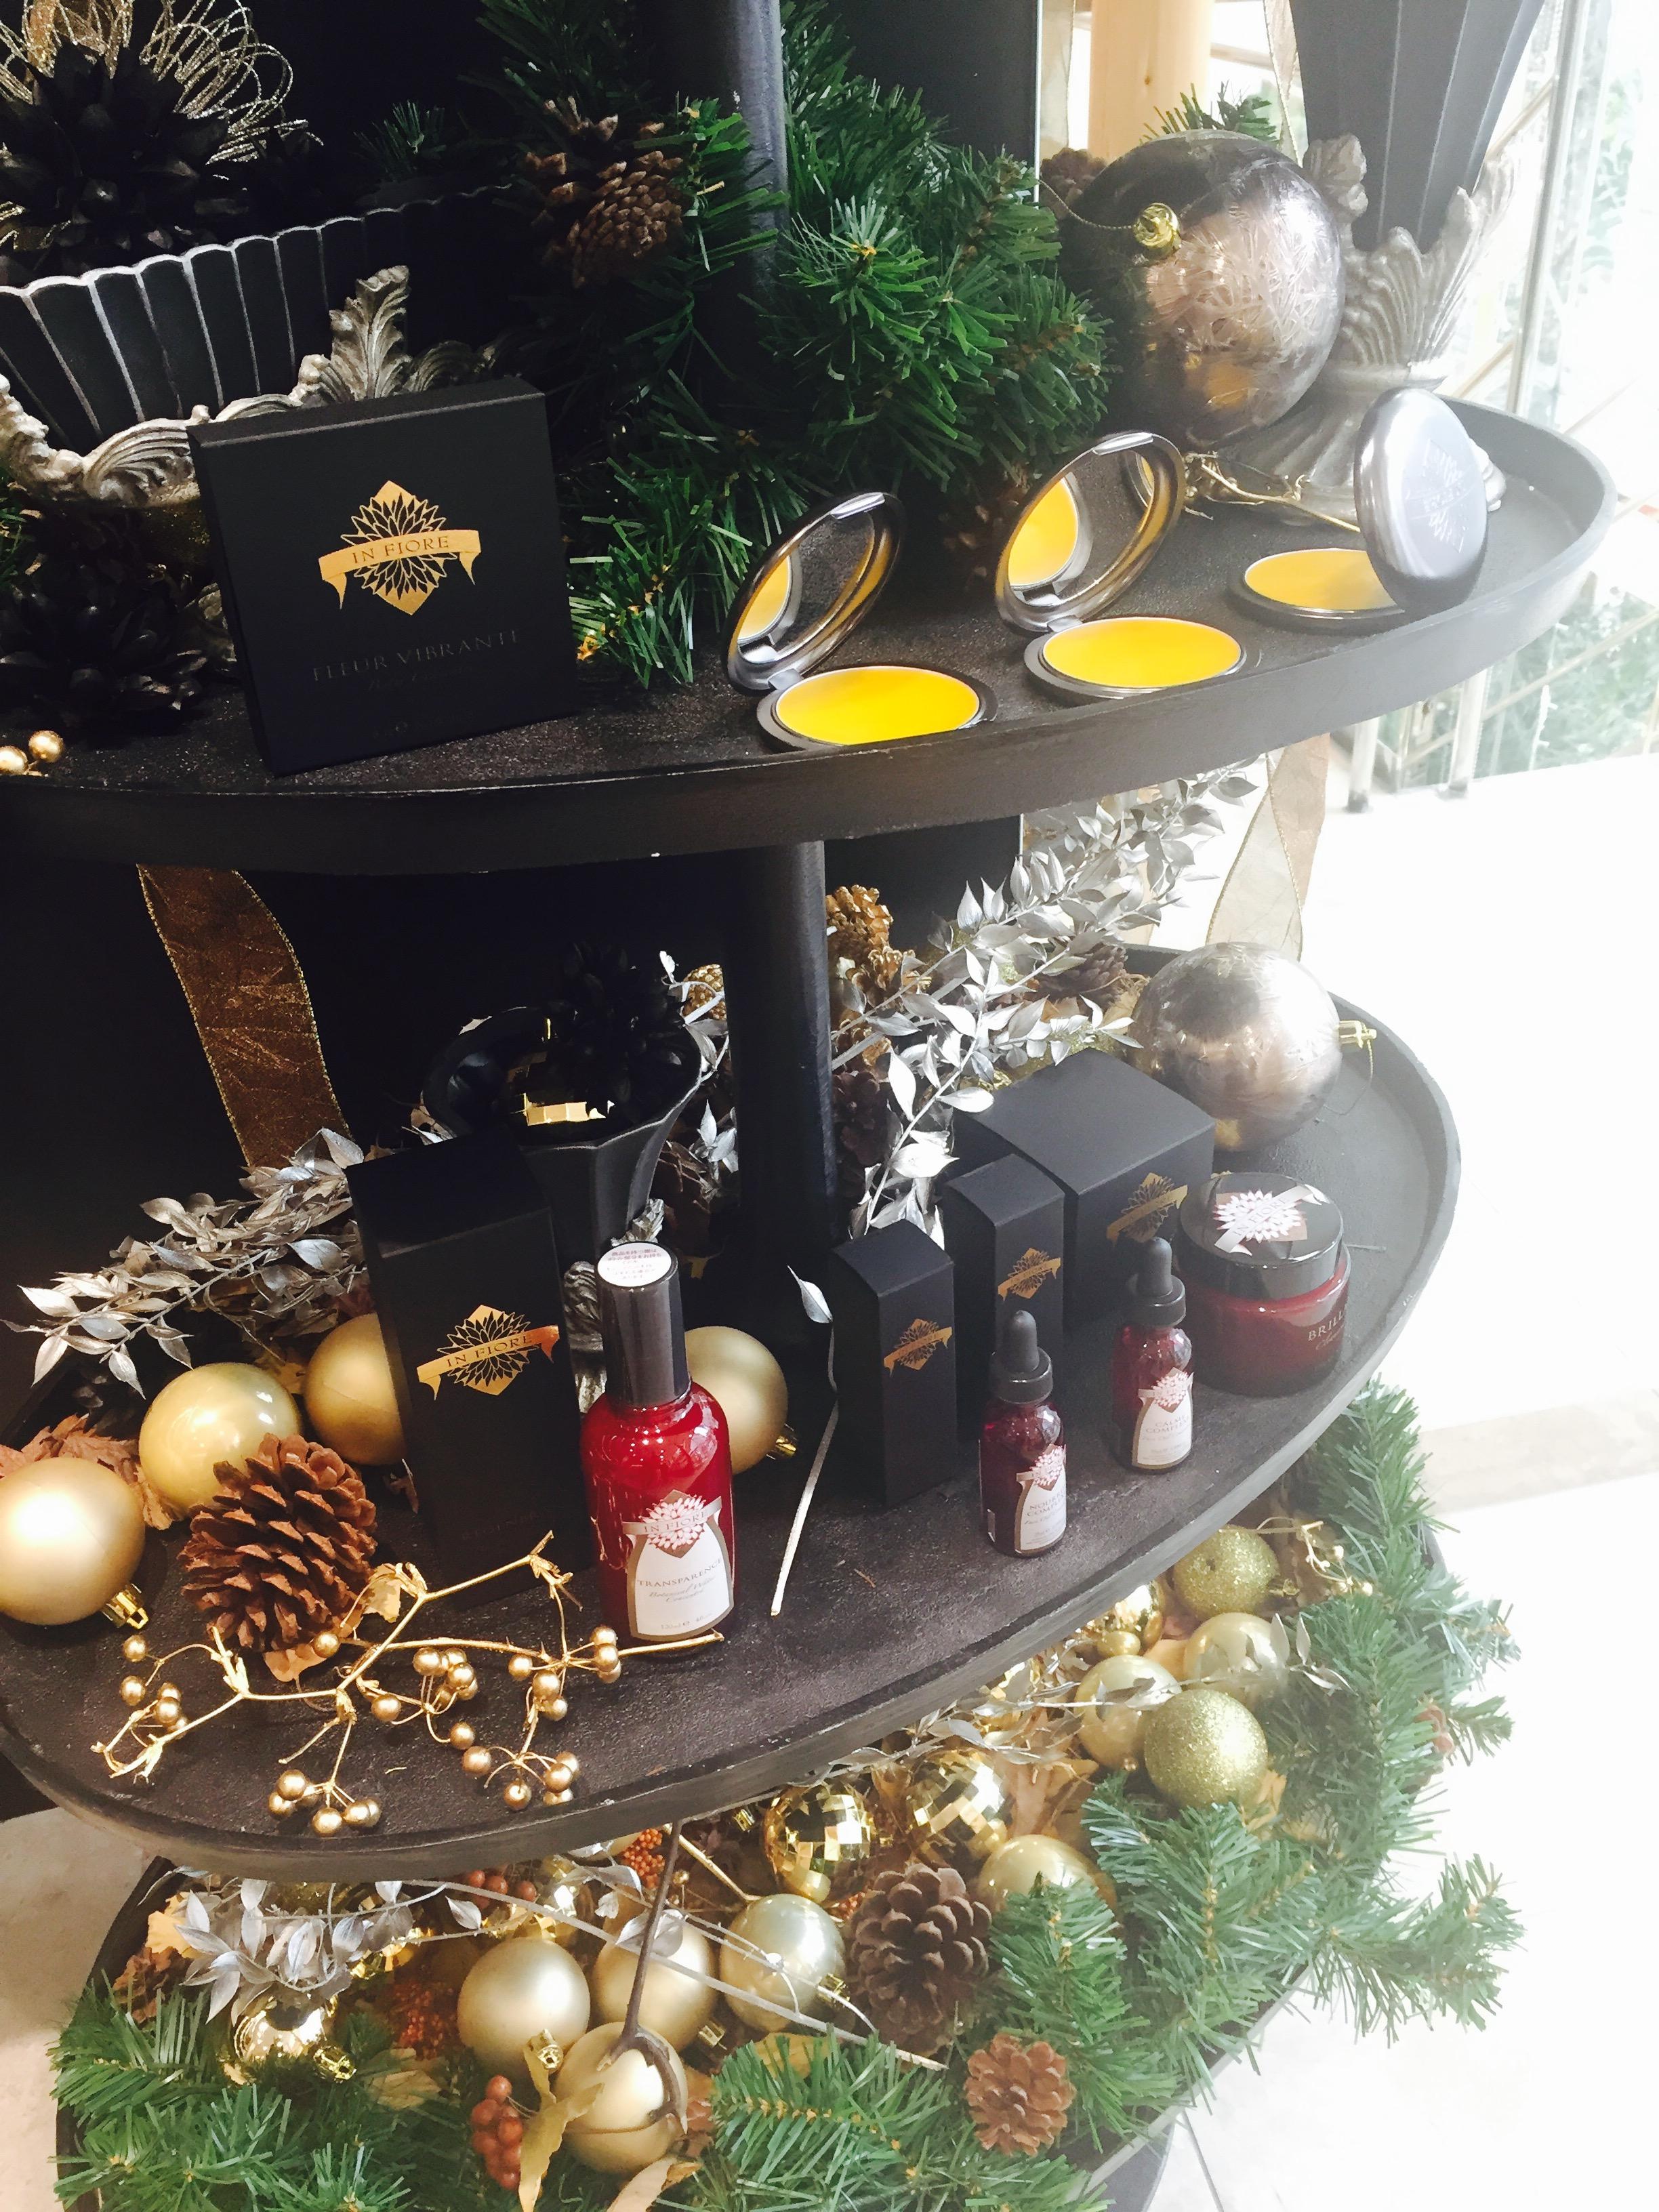 【アンバサダーブログVol.5】クリスマス直前、テラリウム表参道の楽しみ方